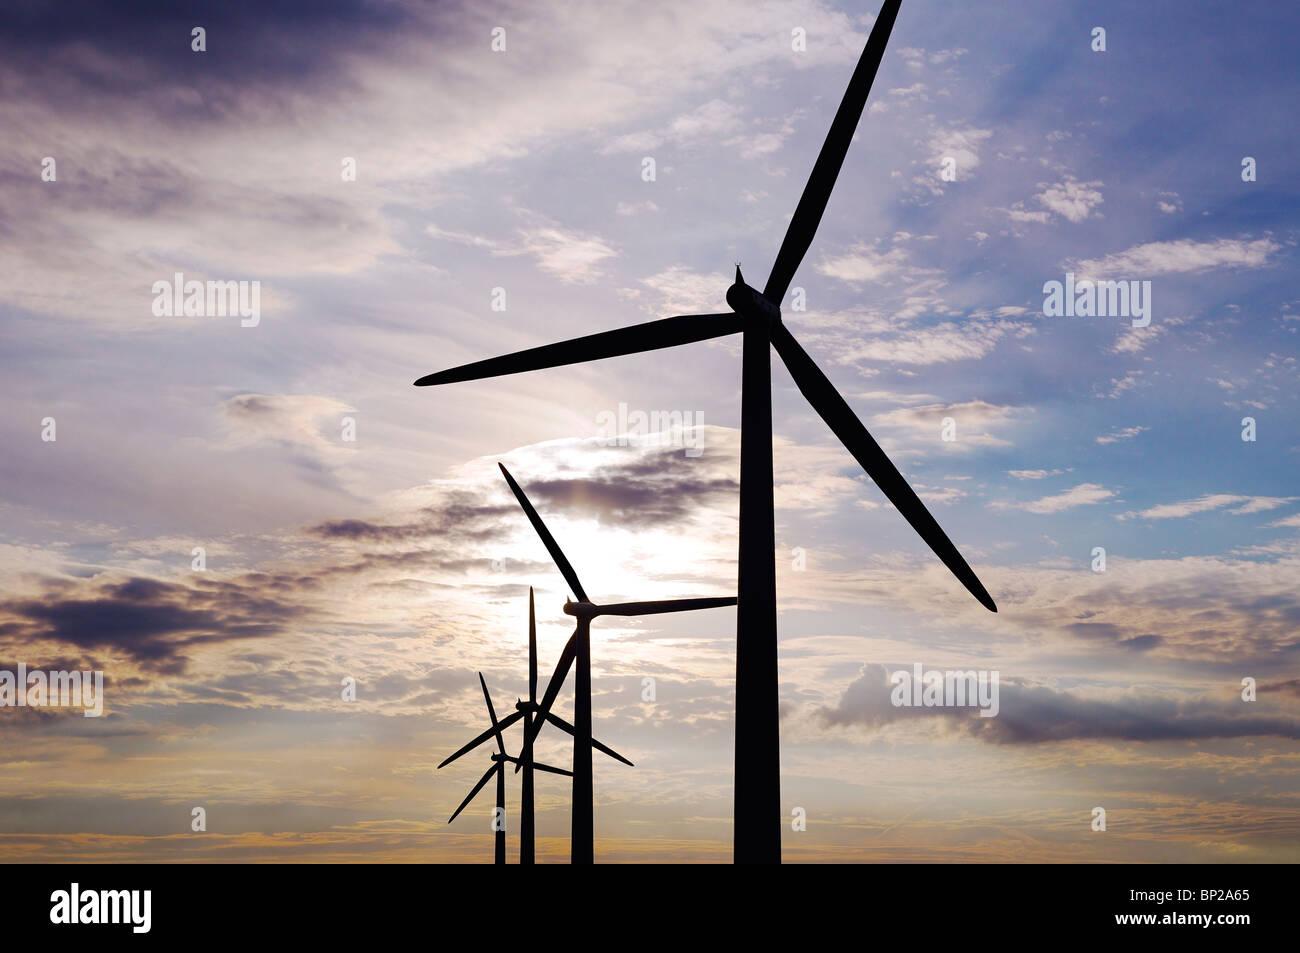 Las turbinas eólicas, Watchfield, Reino Unido. Imagen De Stock